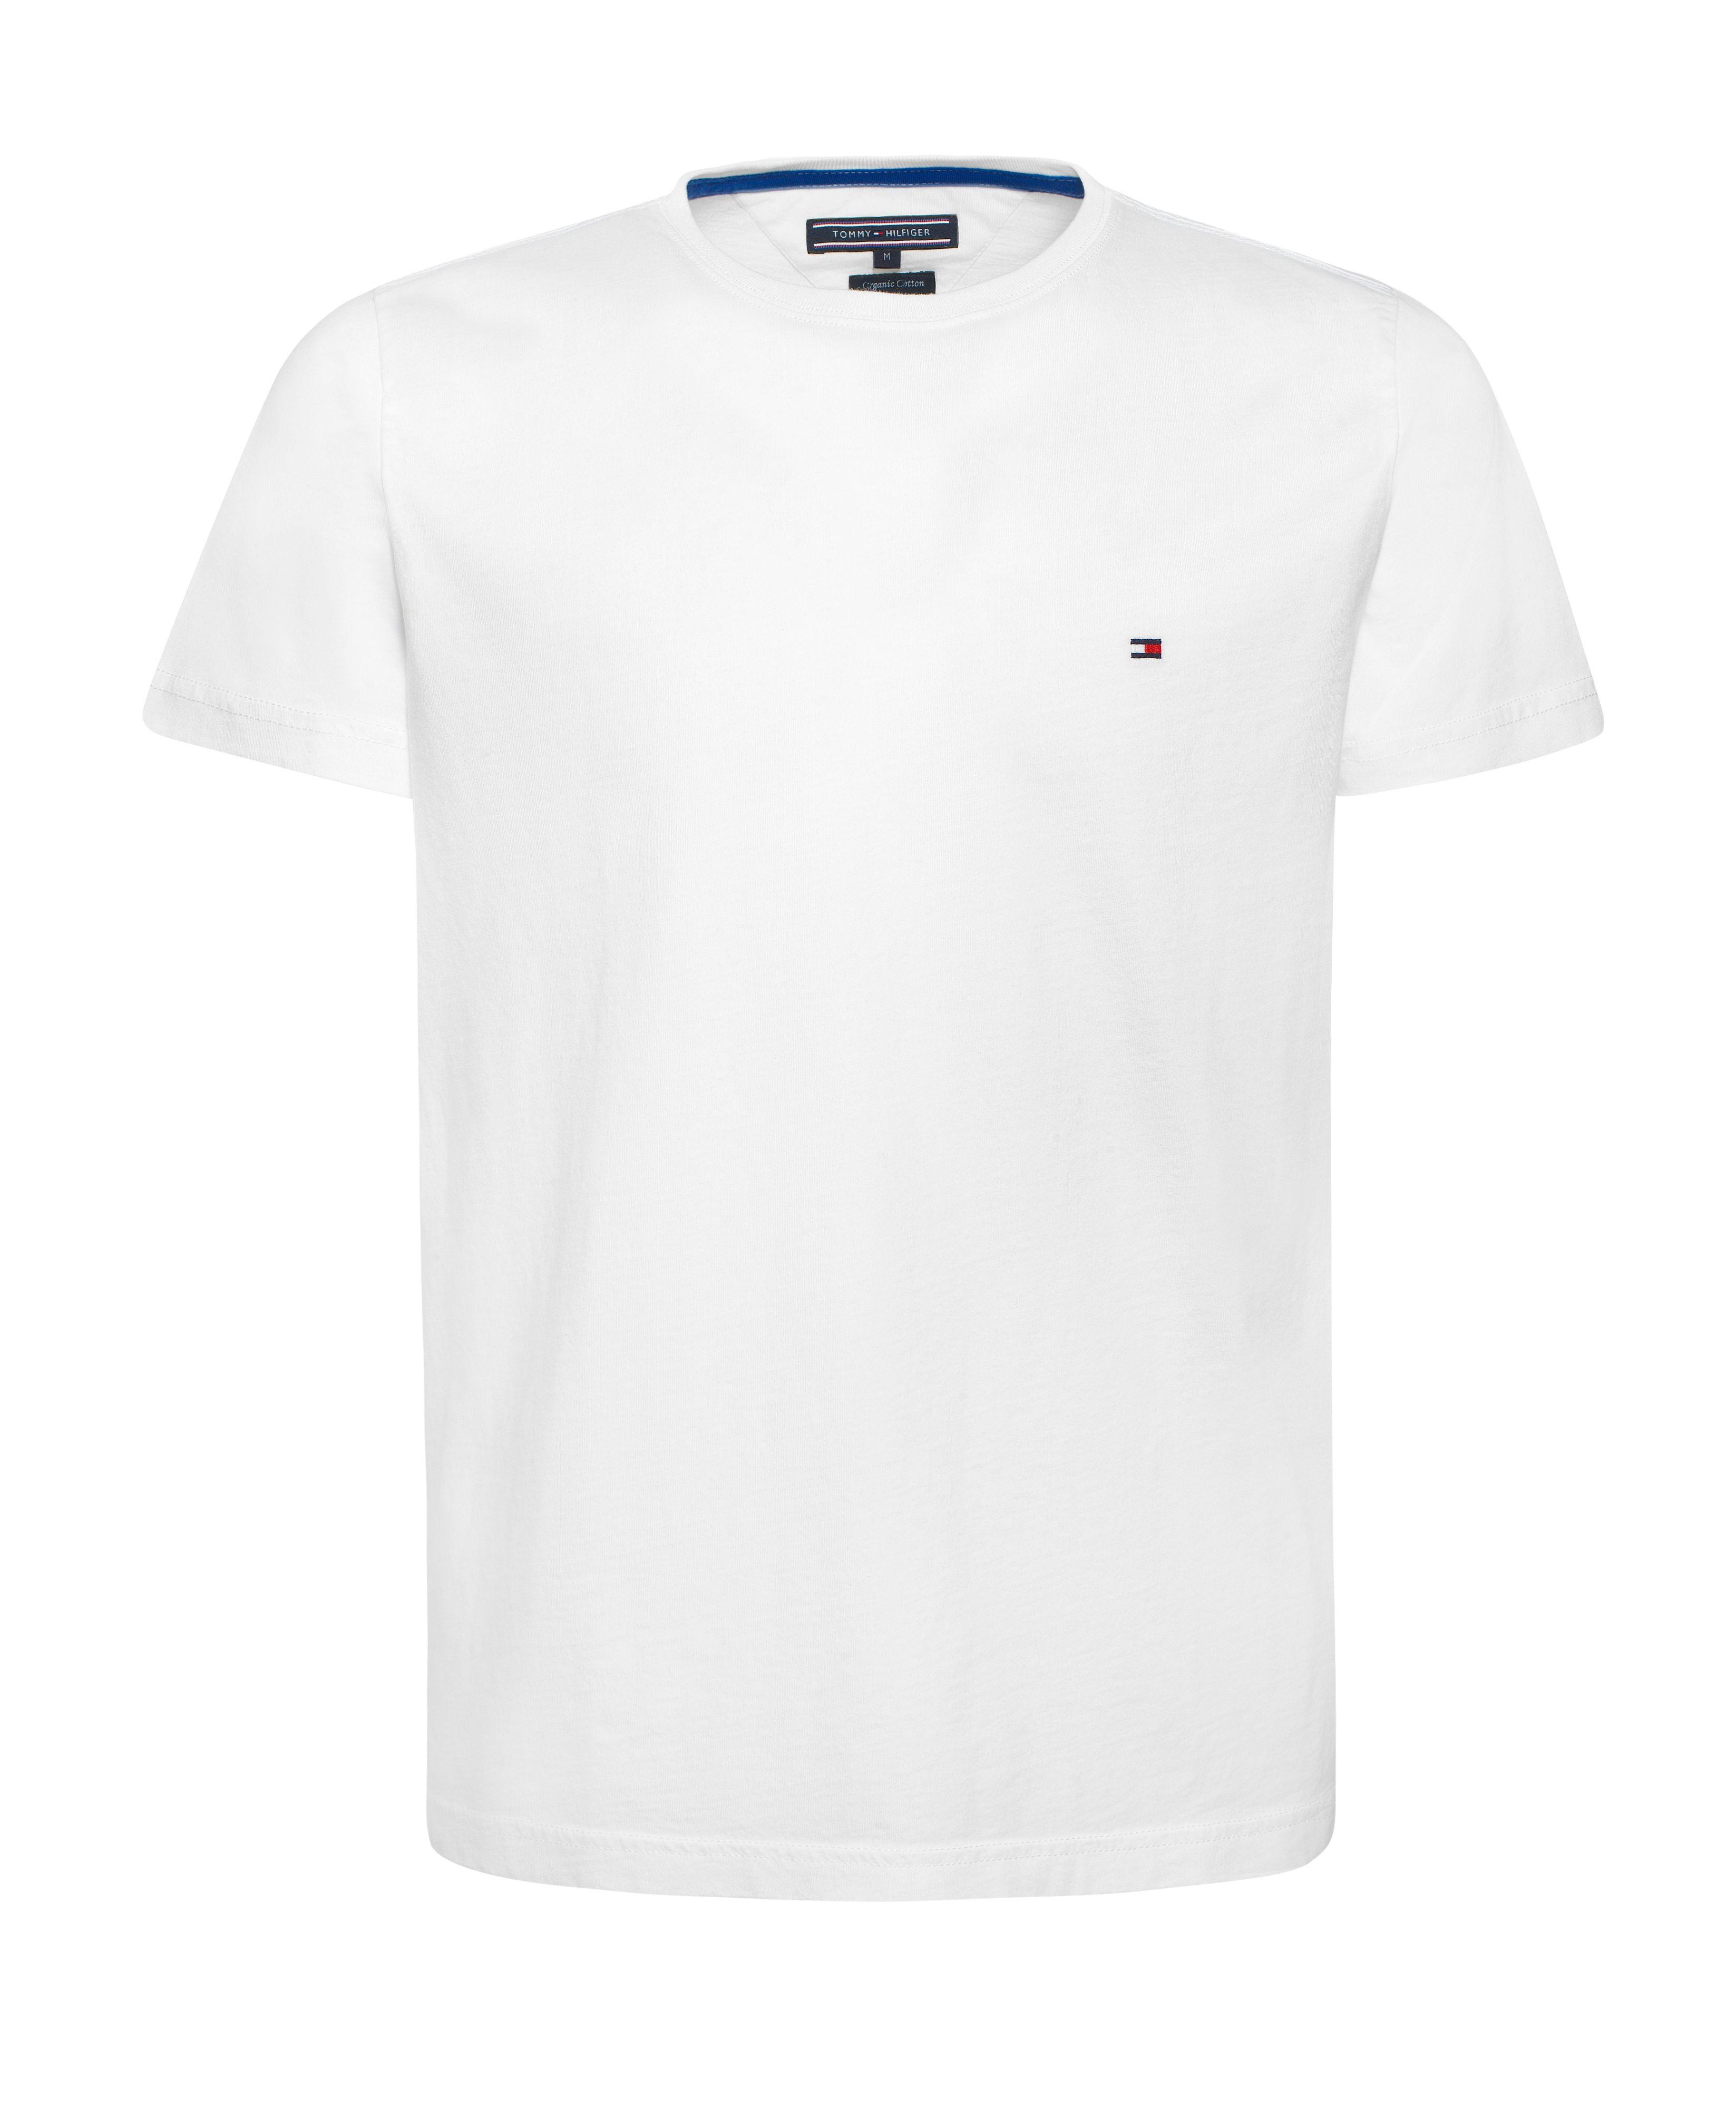 lyst tommy hilfiger flag logo plain cotton t shirt in white for men. Black Bedroom Furniture Sets. Home Design Ideas